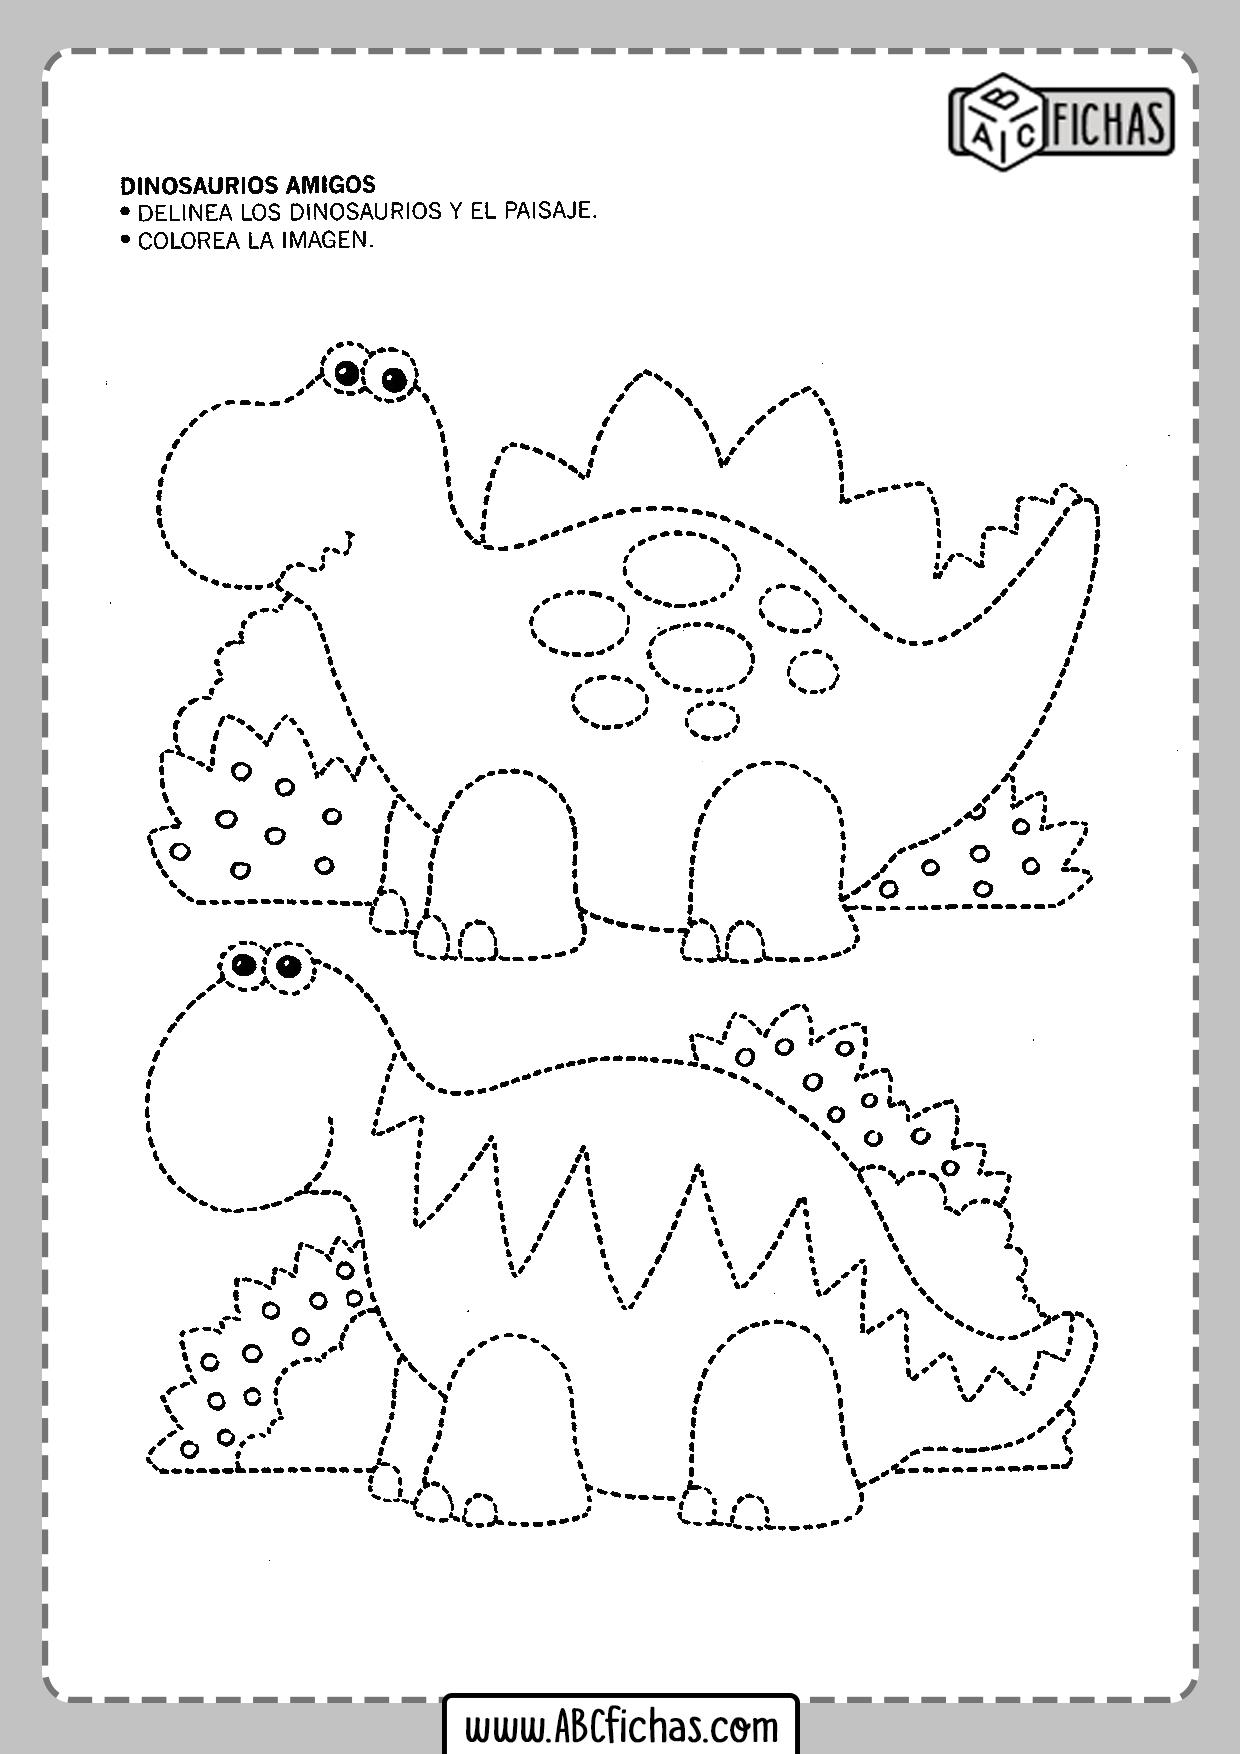 Fichas de grafomotricidad en dibujos para niños